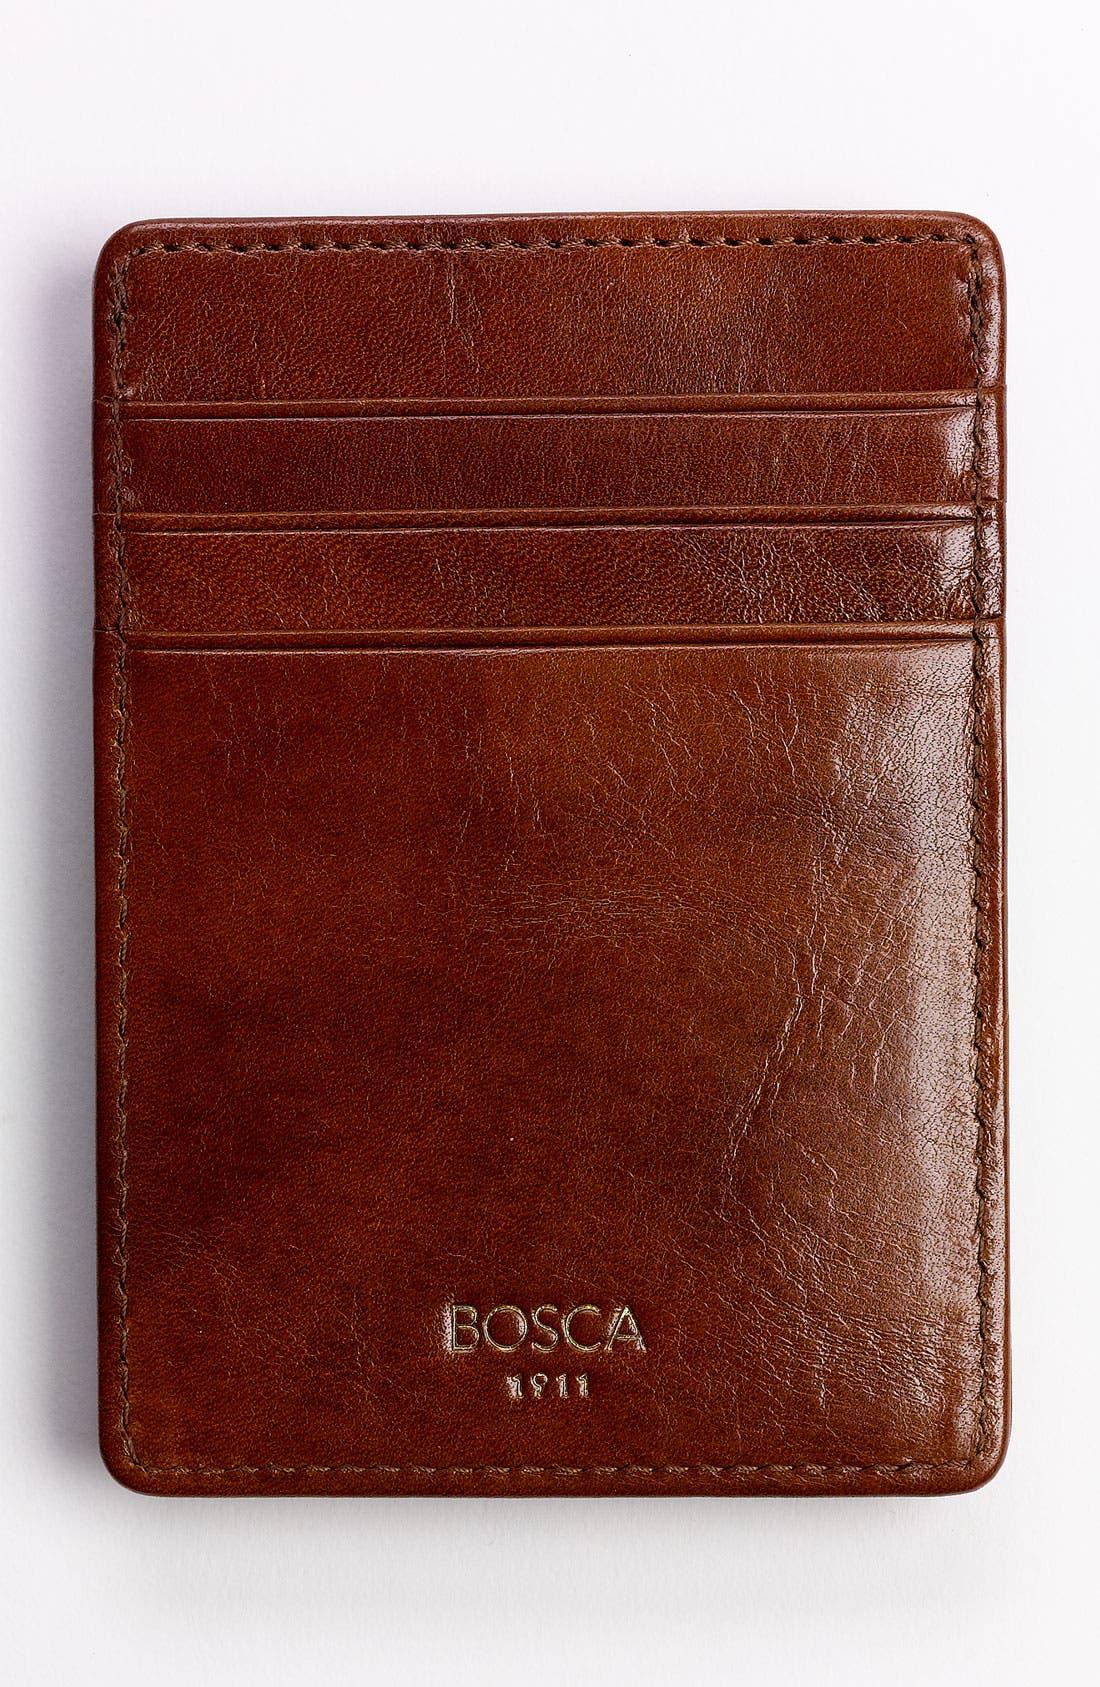 Bosca 'Old Leather' Front Pocket Wallet